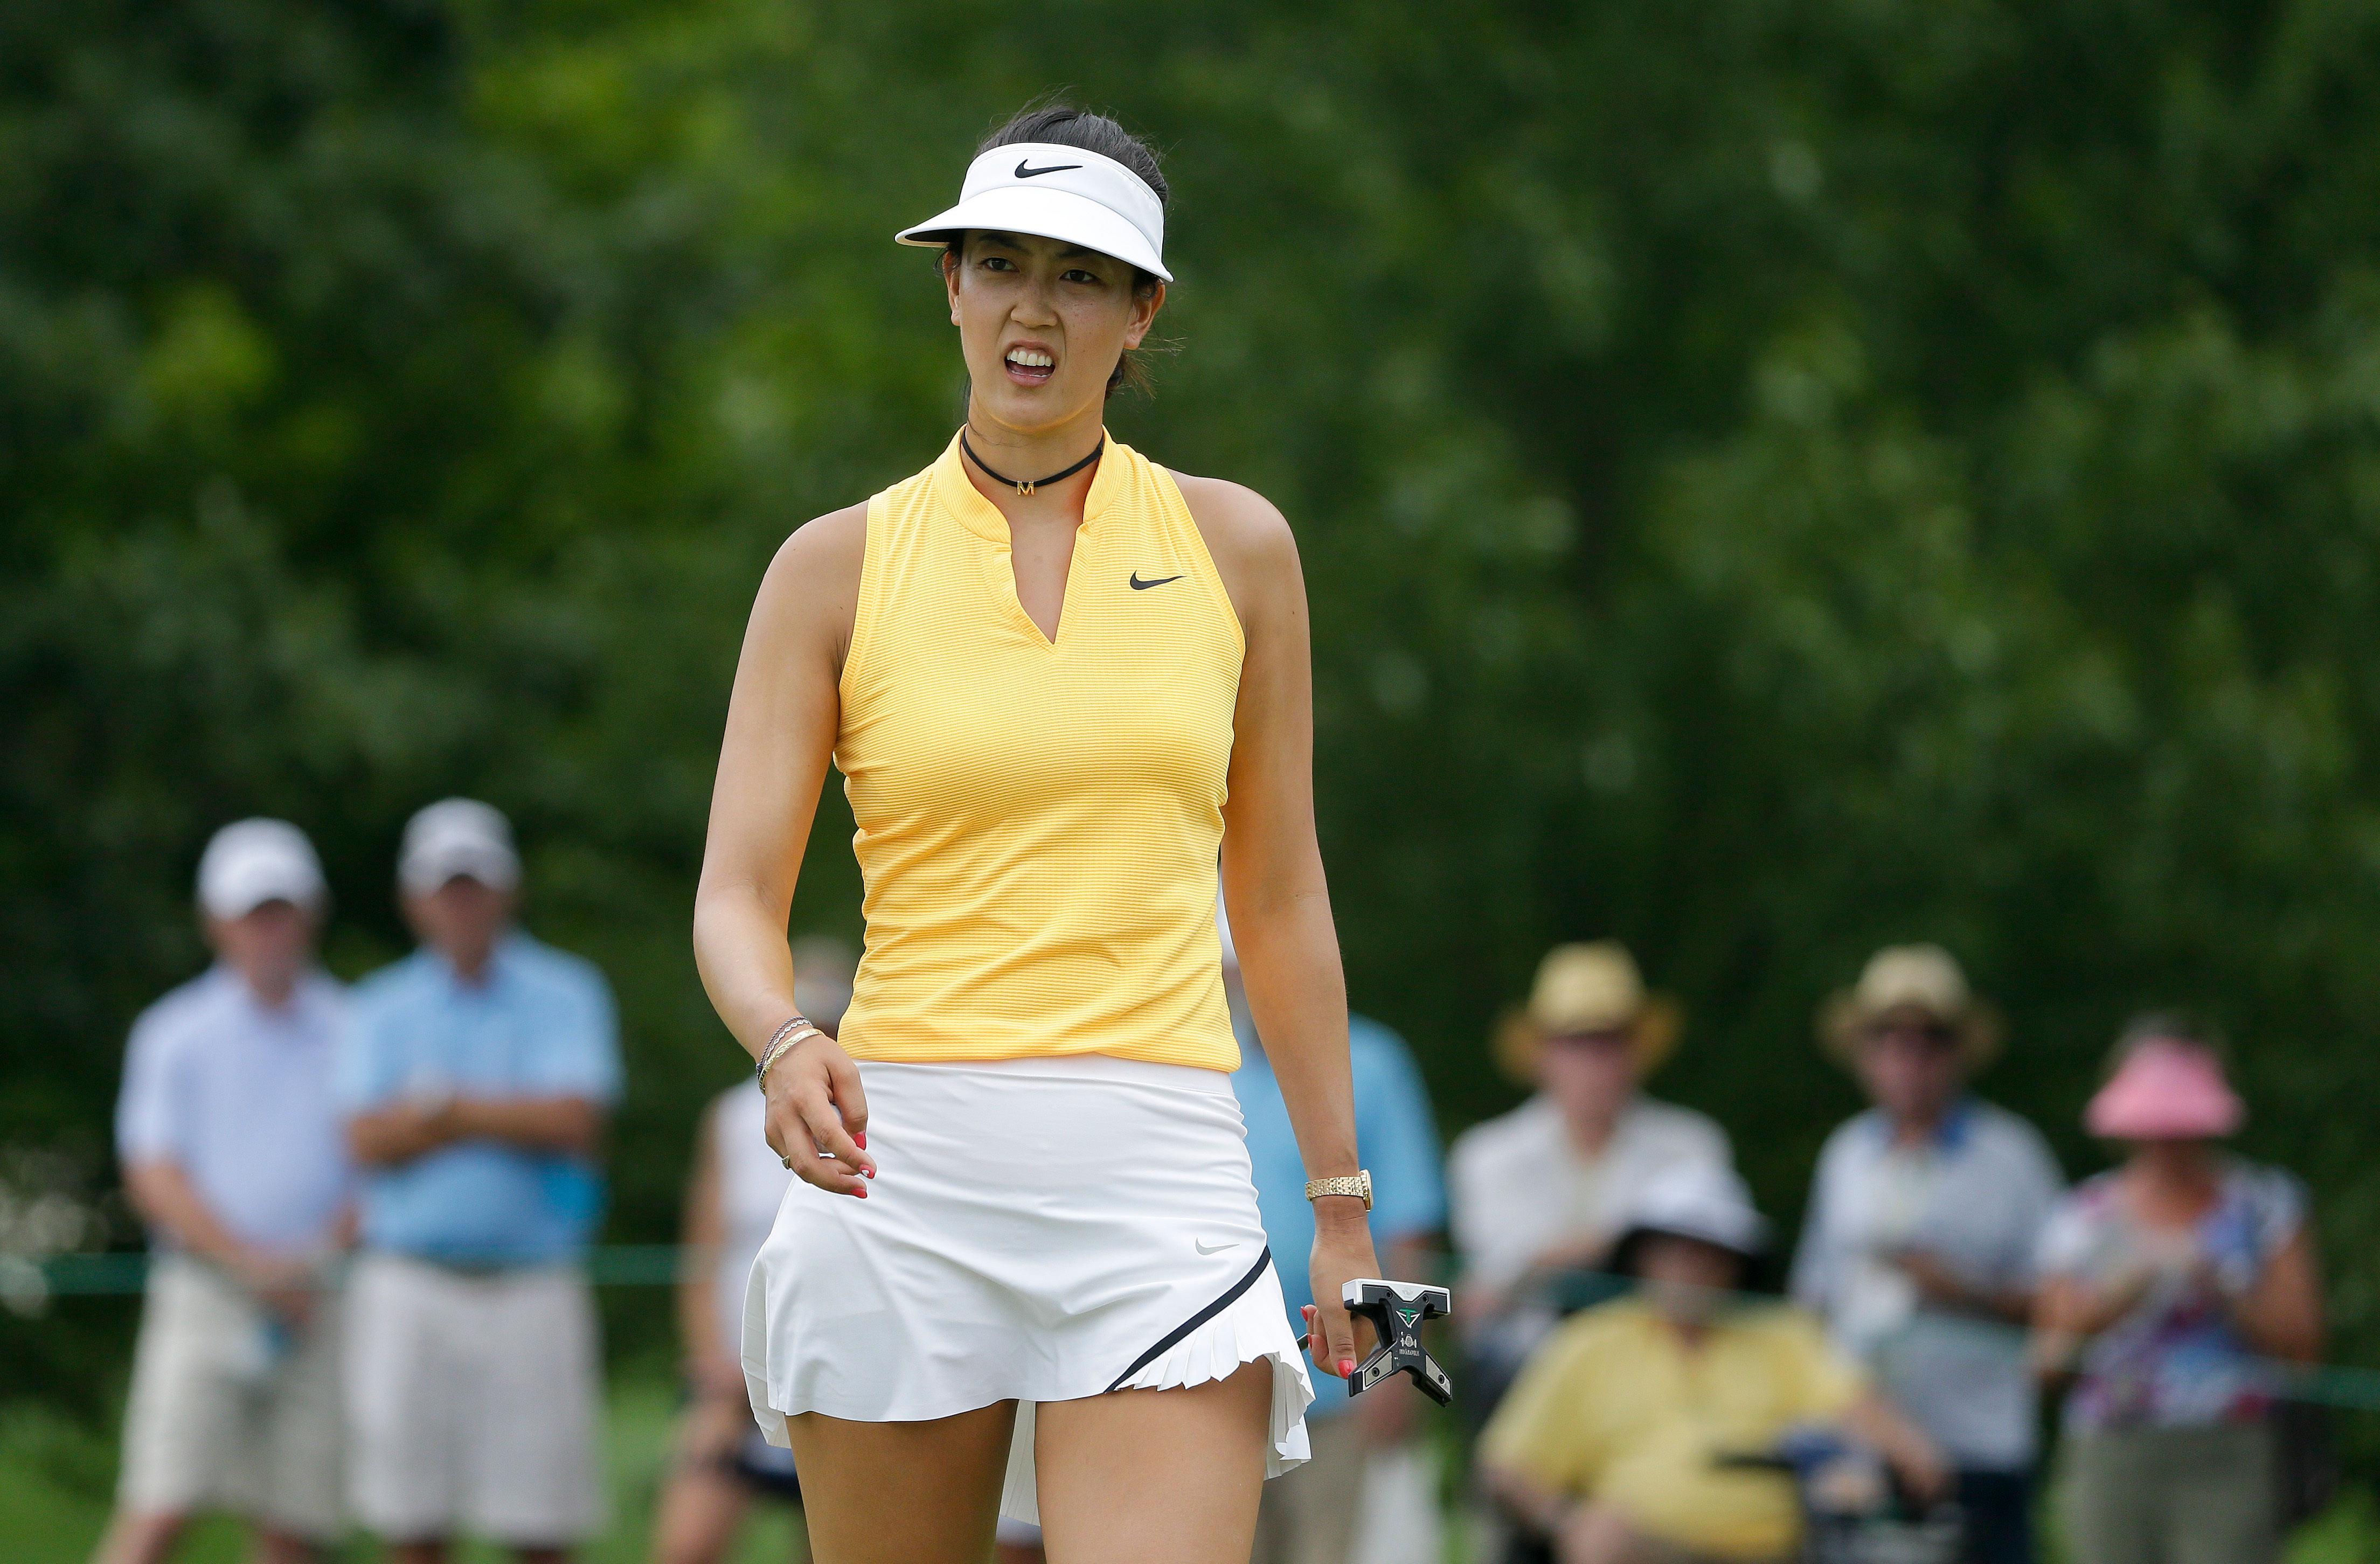 Otra imagen de Michelle Wie, durante el  U.S. Women's Open. Foto AP.